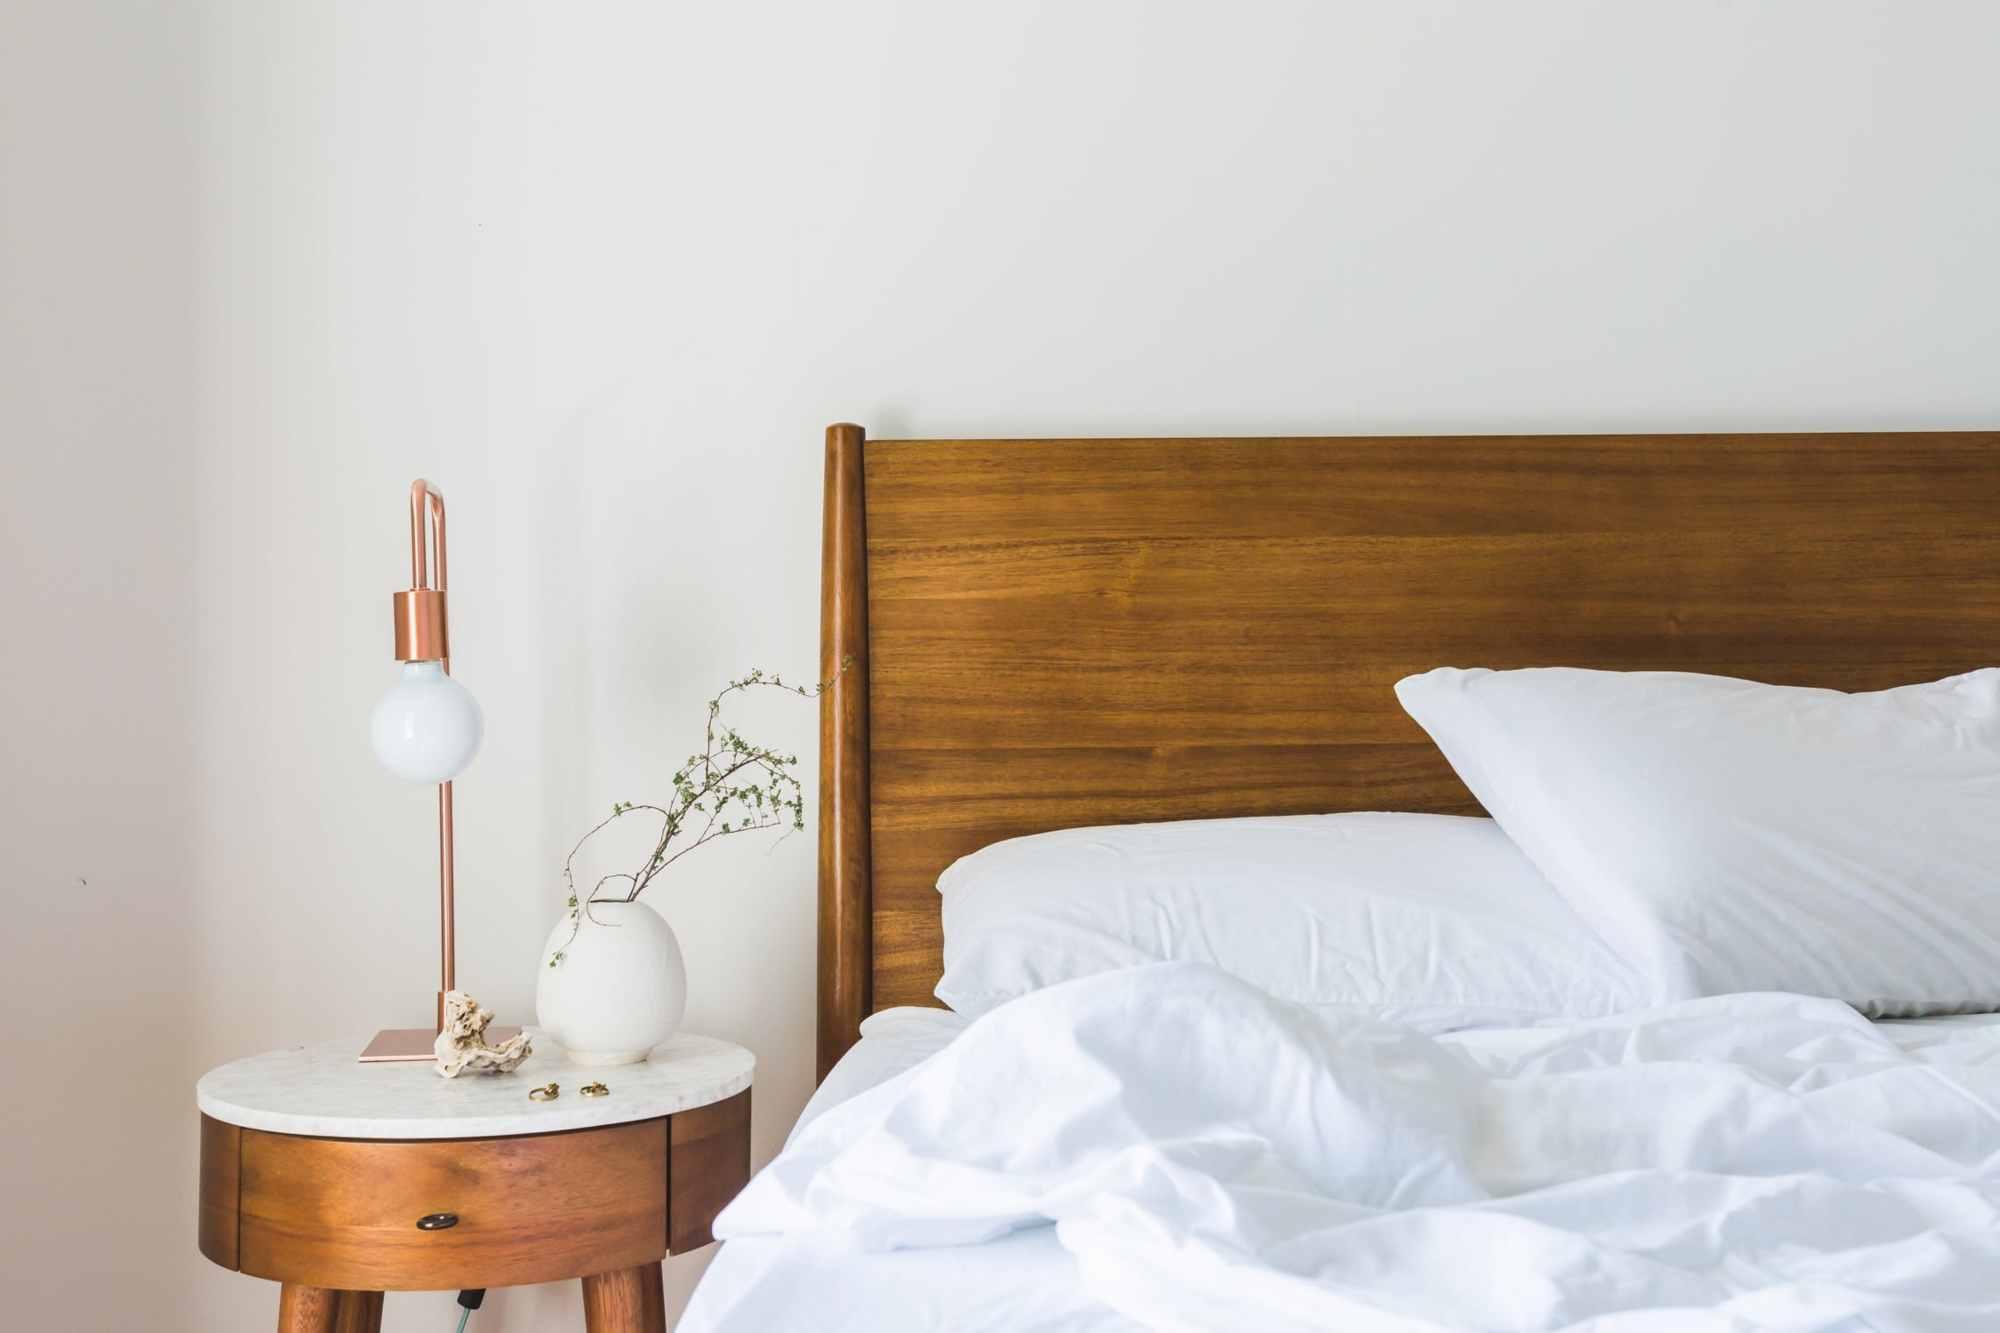 Quanto costa traslocare una camera da letto?